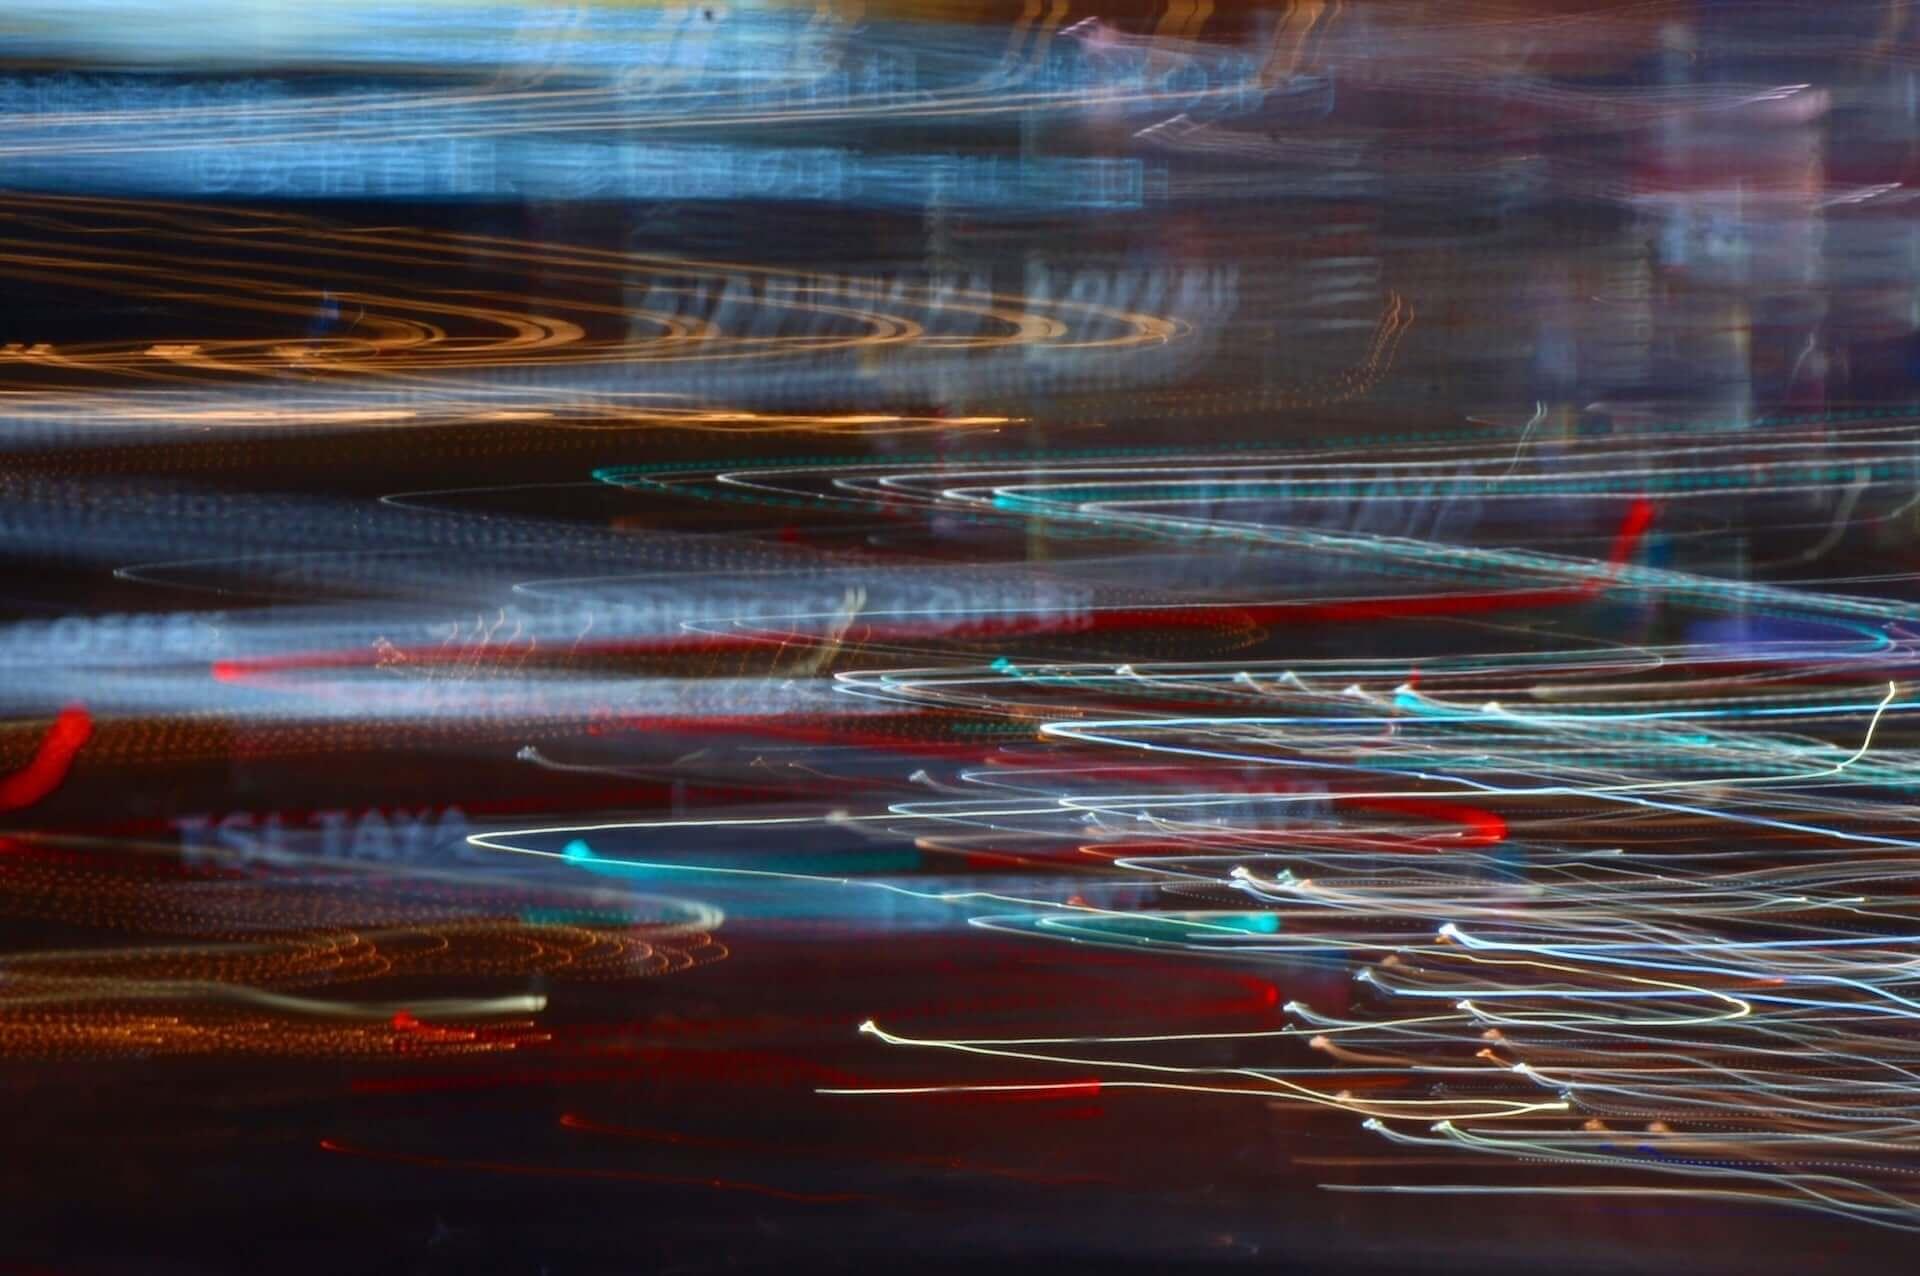 内田珠鈴、自身初の写真展<光の中を泳ぐ>を開催|新作EP『光の中を泳ぐ』リリースイベントにて実施 music190712_uchidashuri_event_3-1920x1276